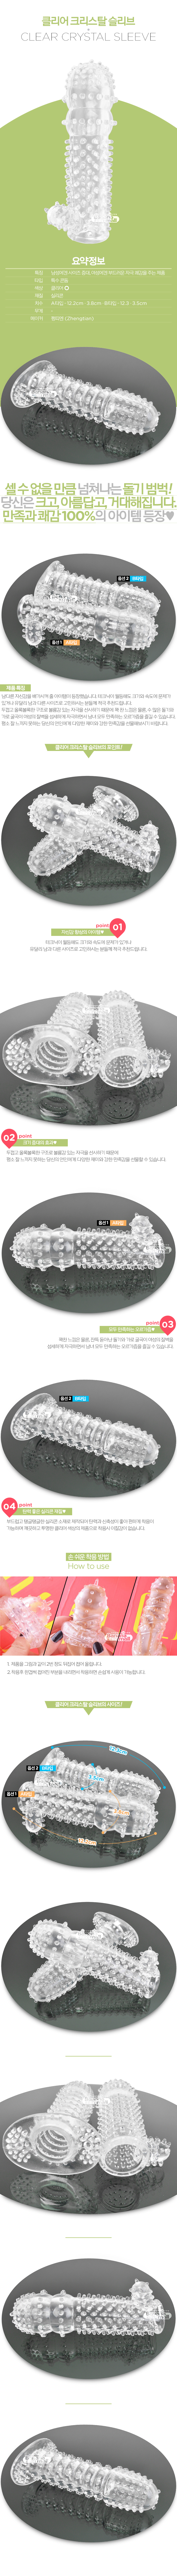 [특수 콘돔] 클리어 크리스탈 슬리브(Clear Crystal Sleeve) - 0003 (JTN)